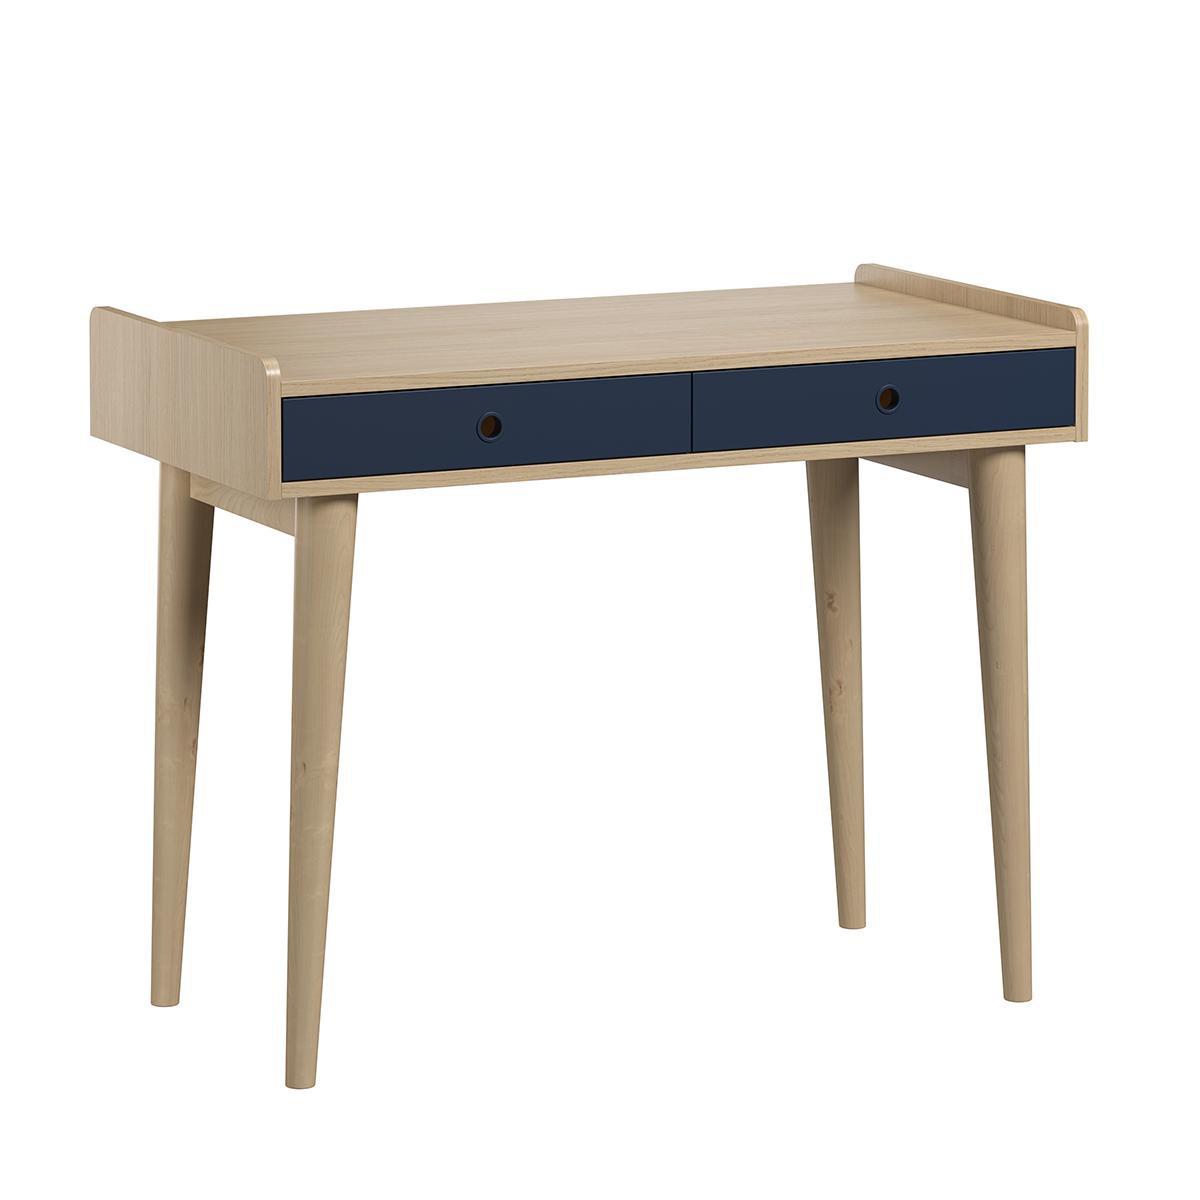 Vox Bureau 2 tiroirs Retro - Bois Bleu